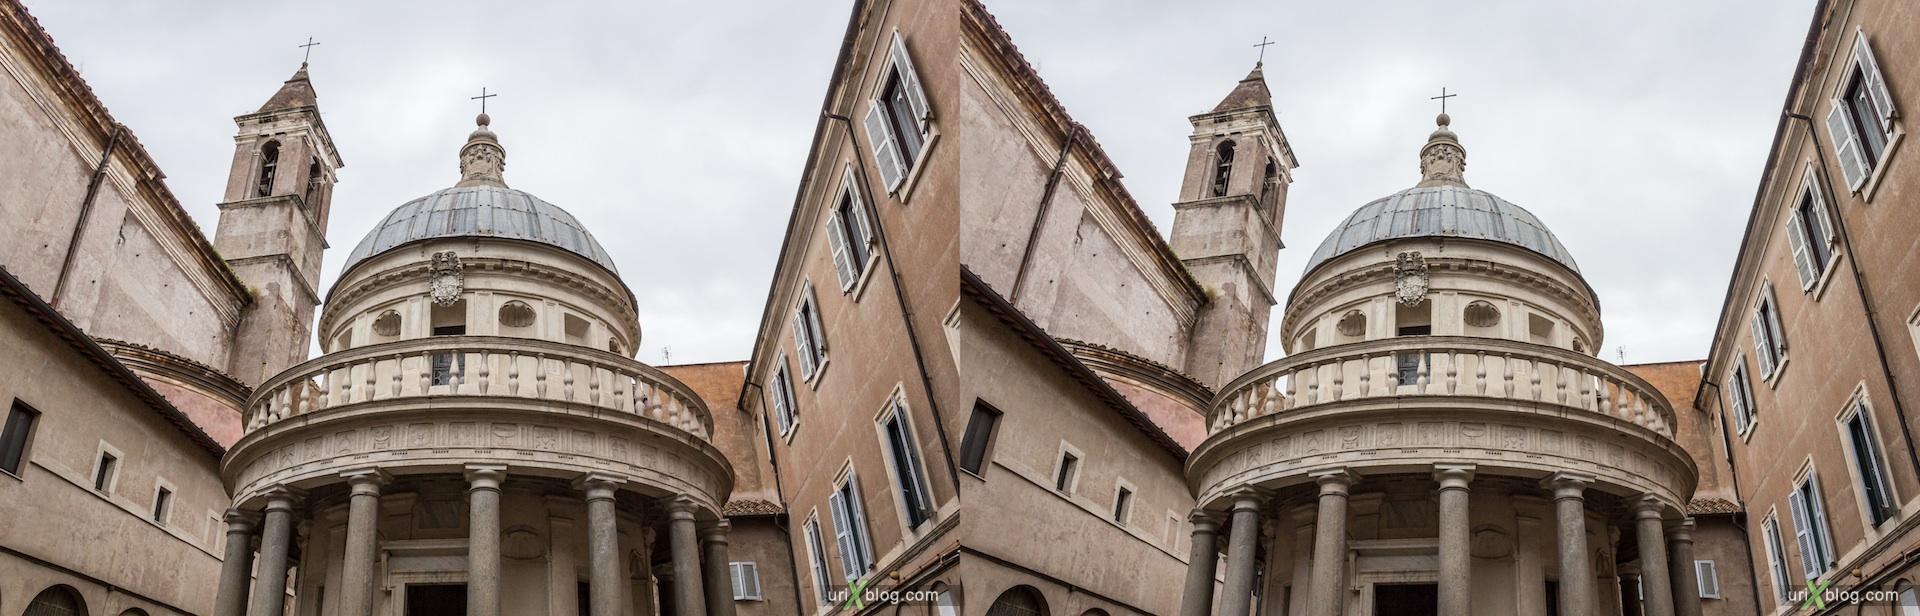 2012, Темпьетто, церковь, собор, христианство, католичество, Рим, Италия, осень, 3D, перекрёстные стереопары, стерео, стереопара, стереопары